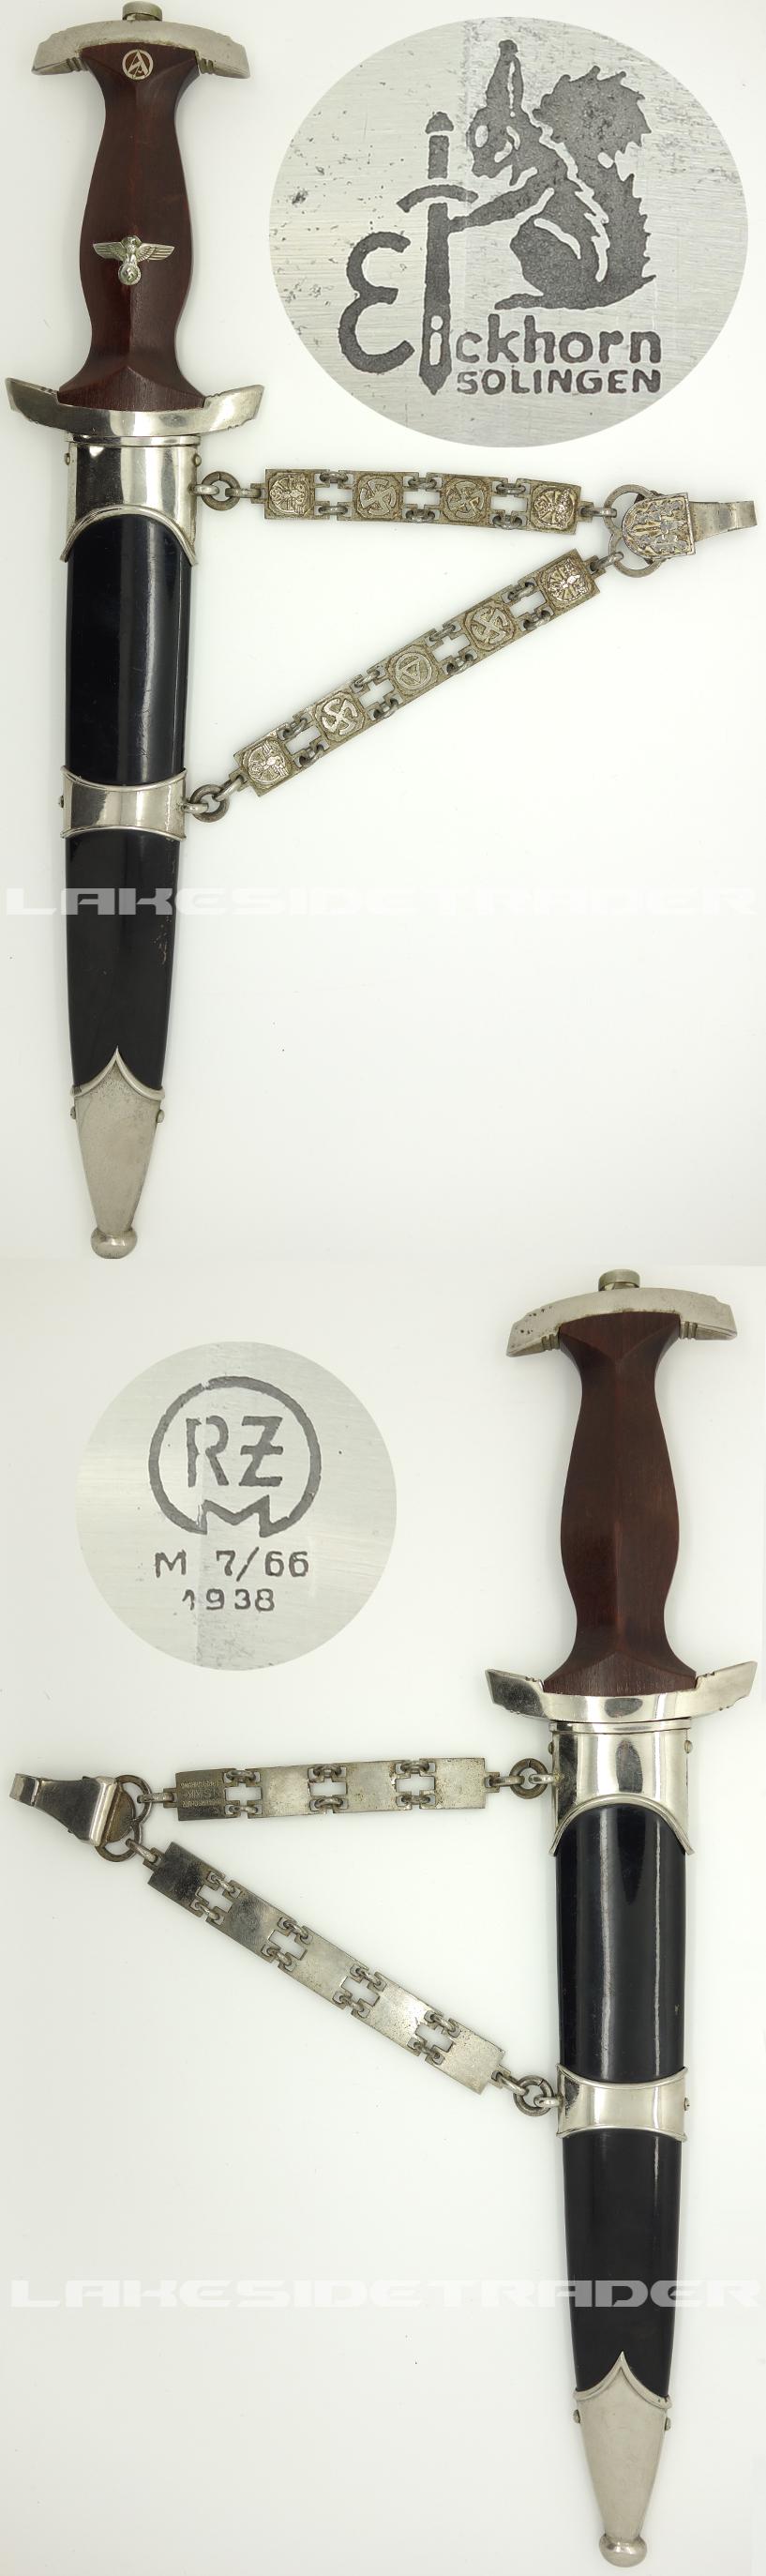 NSKK Leader Dagger by Eickhorn